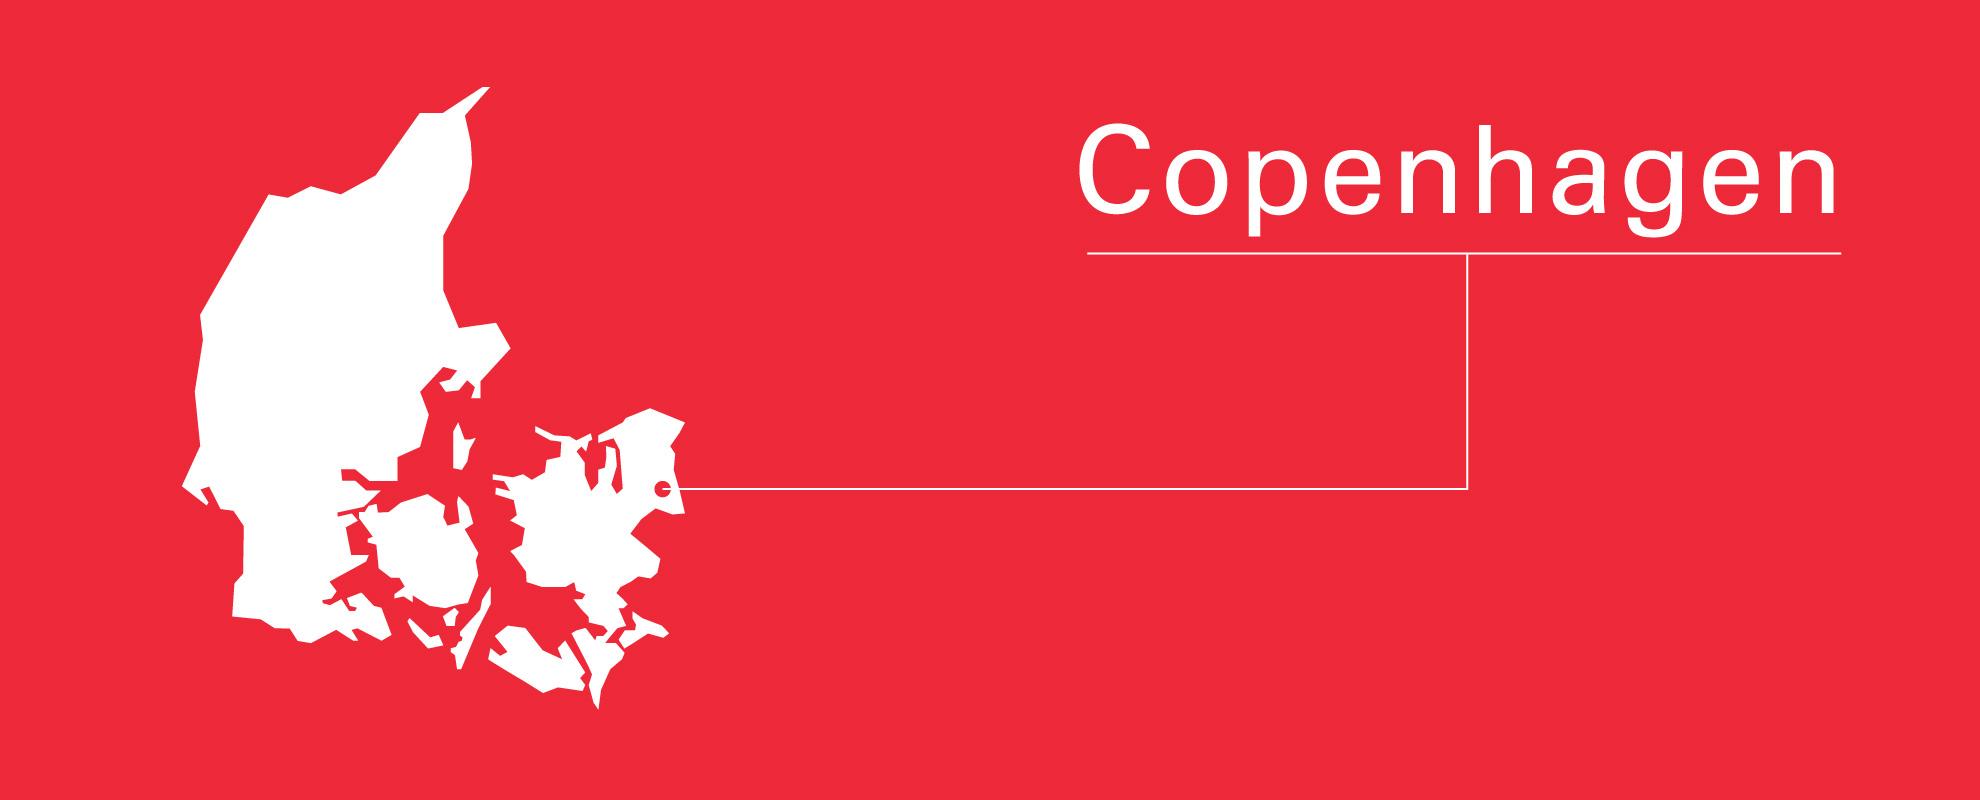 [デンマーク]コペンハーゲンの観光で見つけた街づくりデザインの画像3